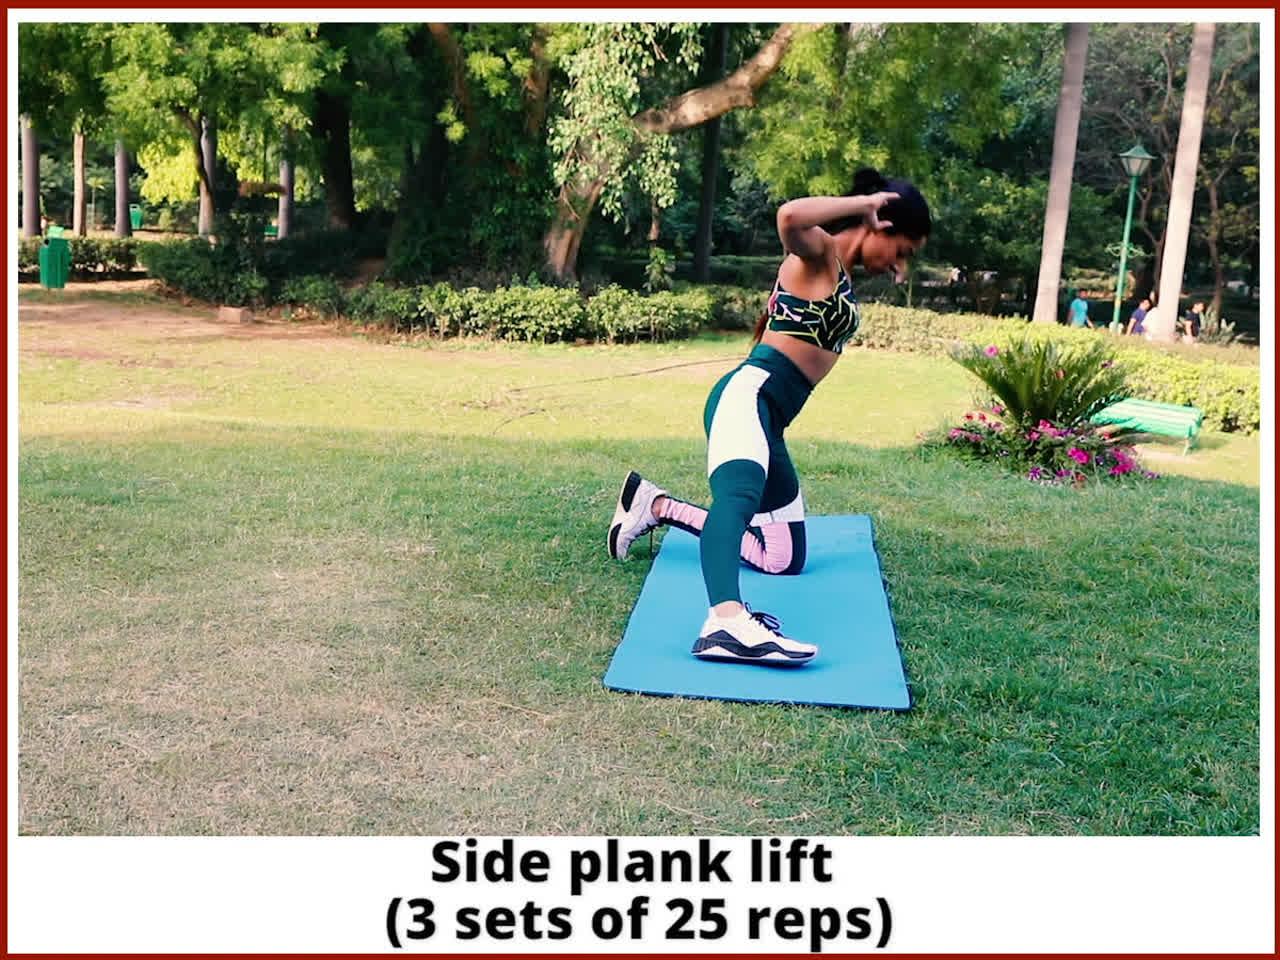 Side plank lift